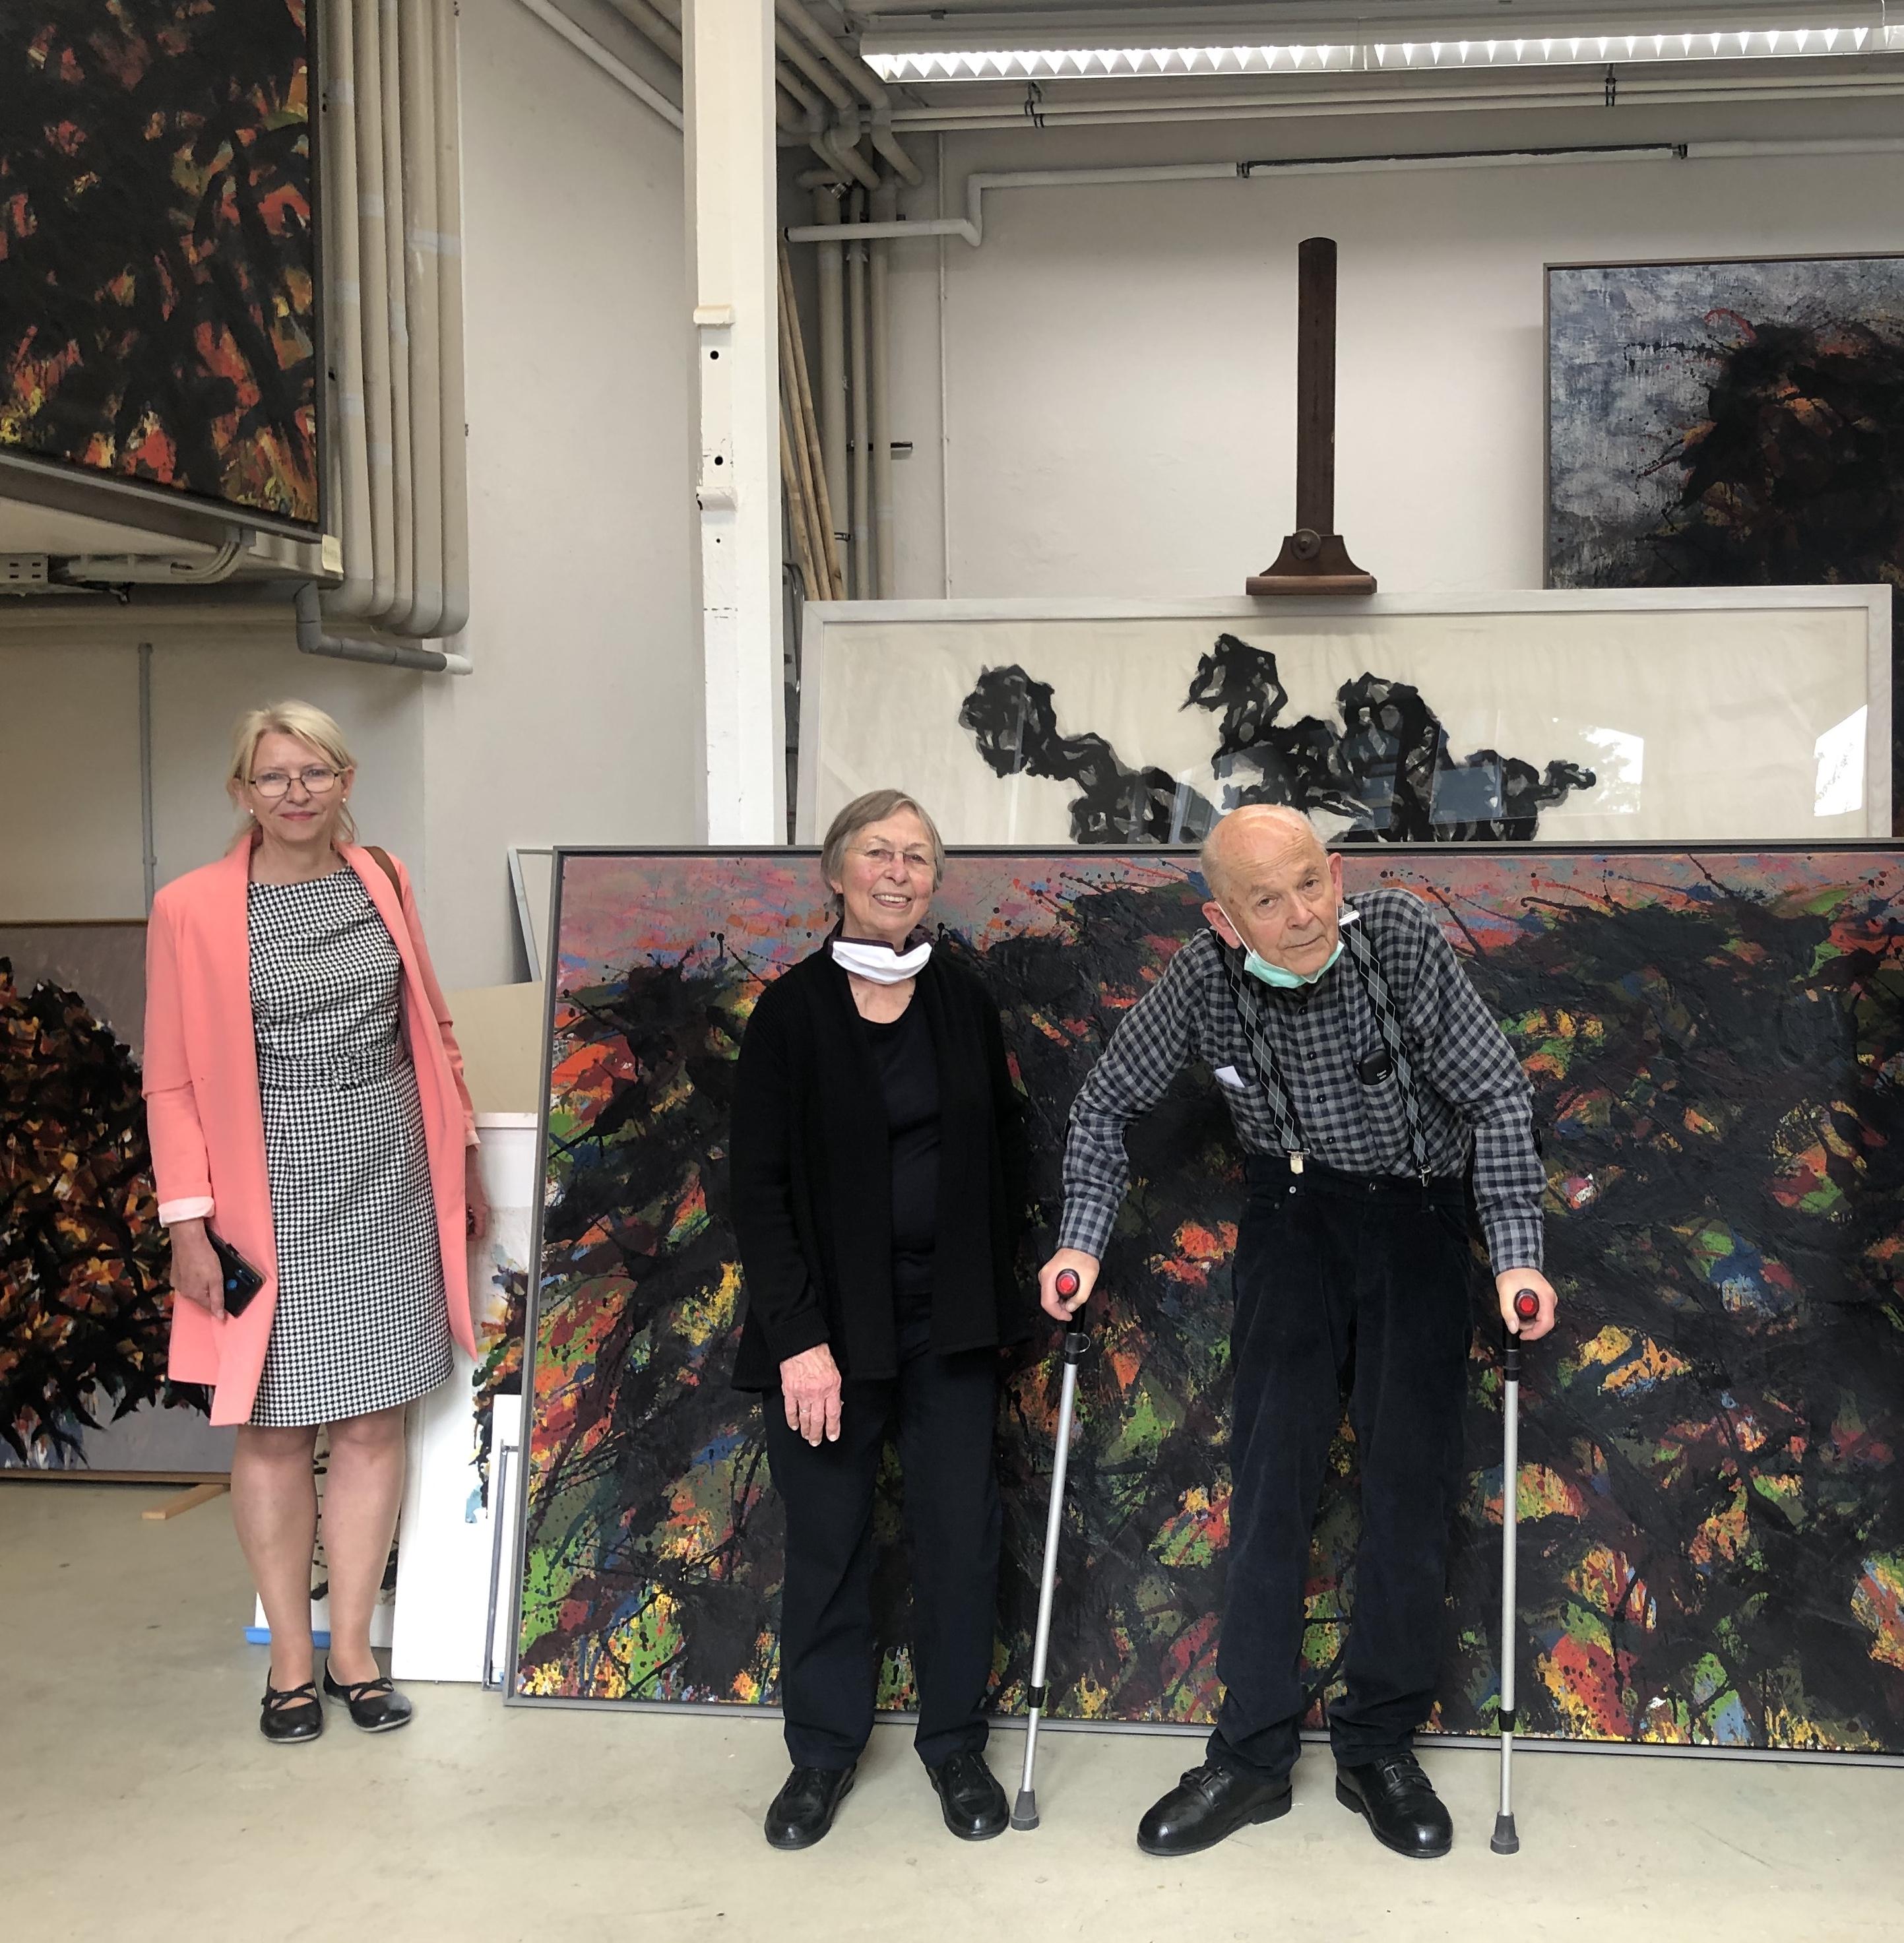 Galeristin Marina Zollmann mit Familie Uhlig im Atelier in Dresden